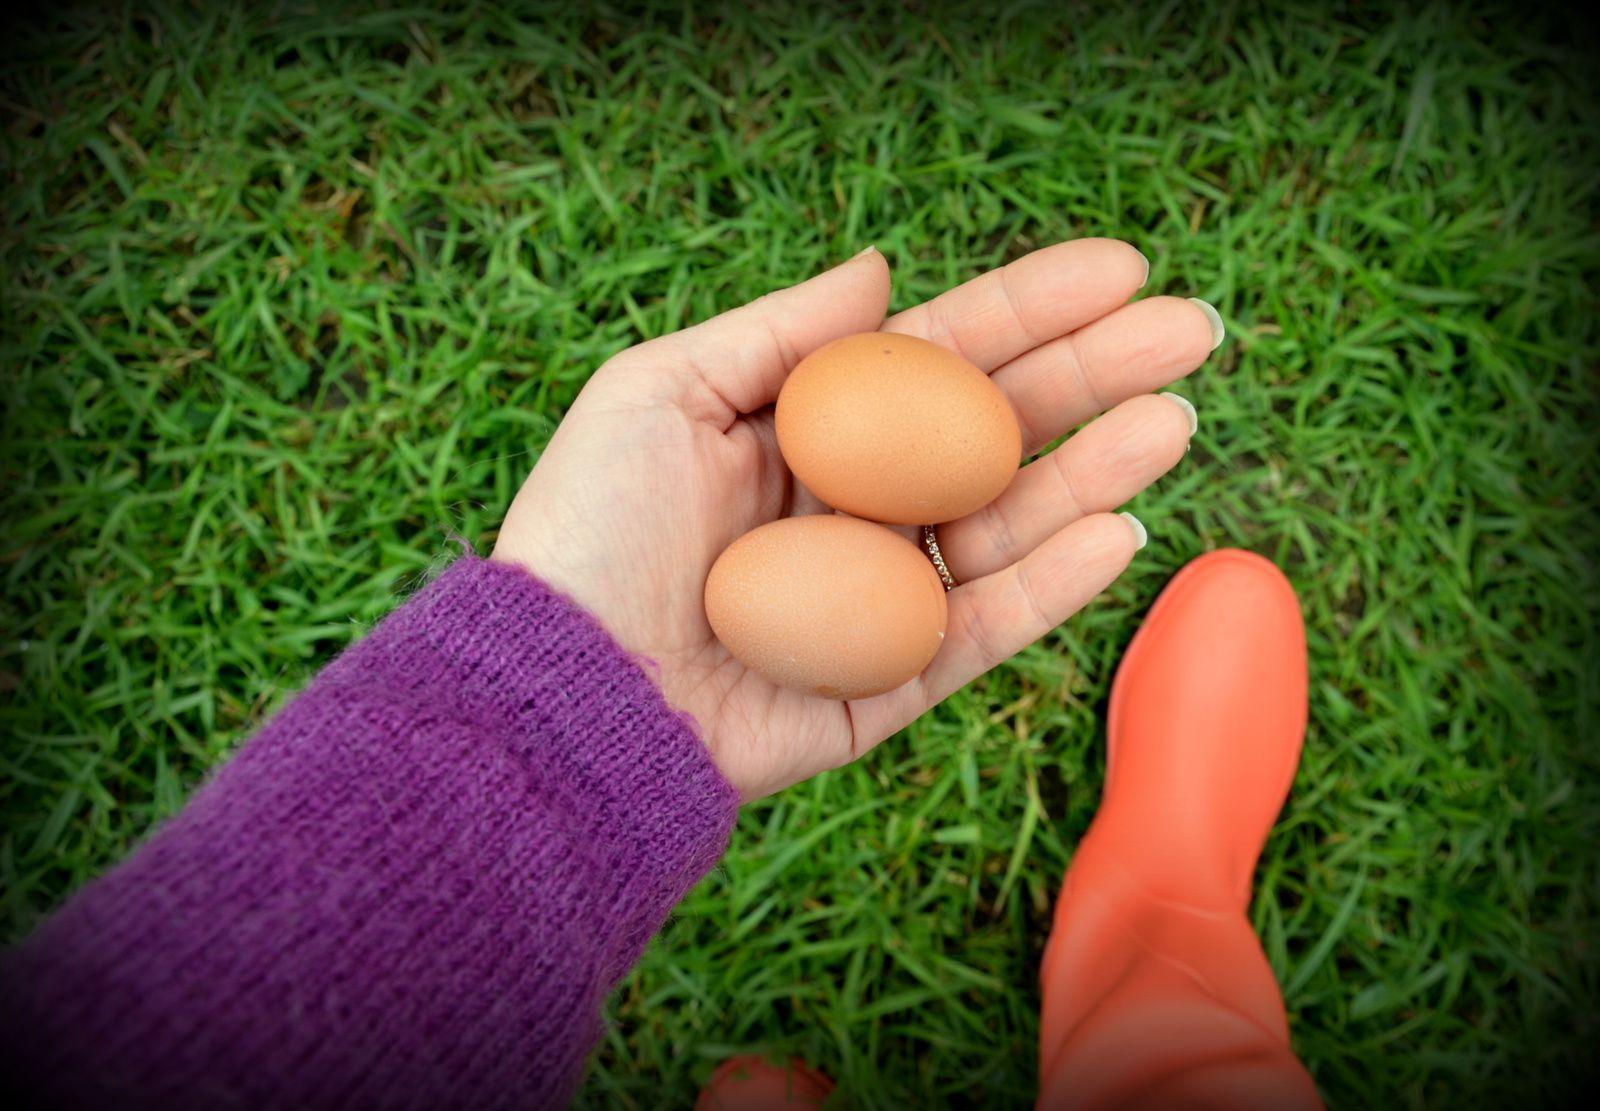 L'œuf ou la poule ?